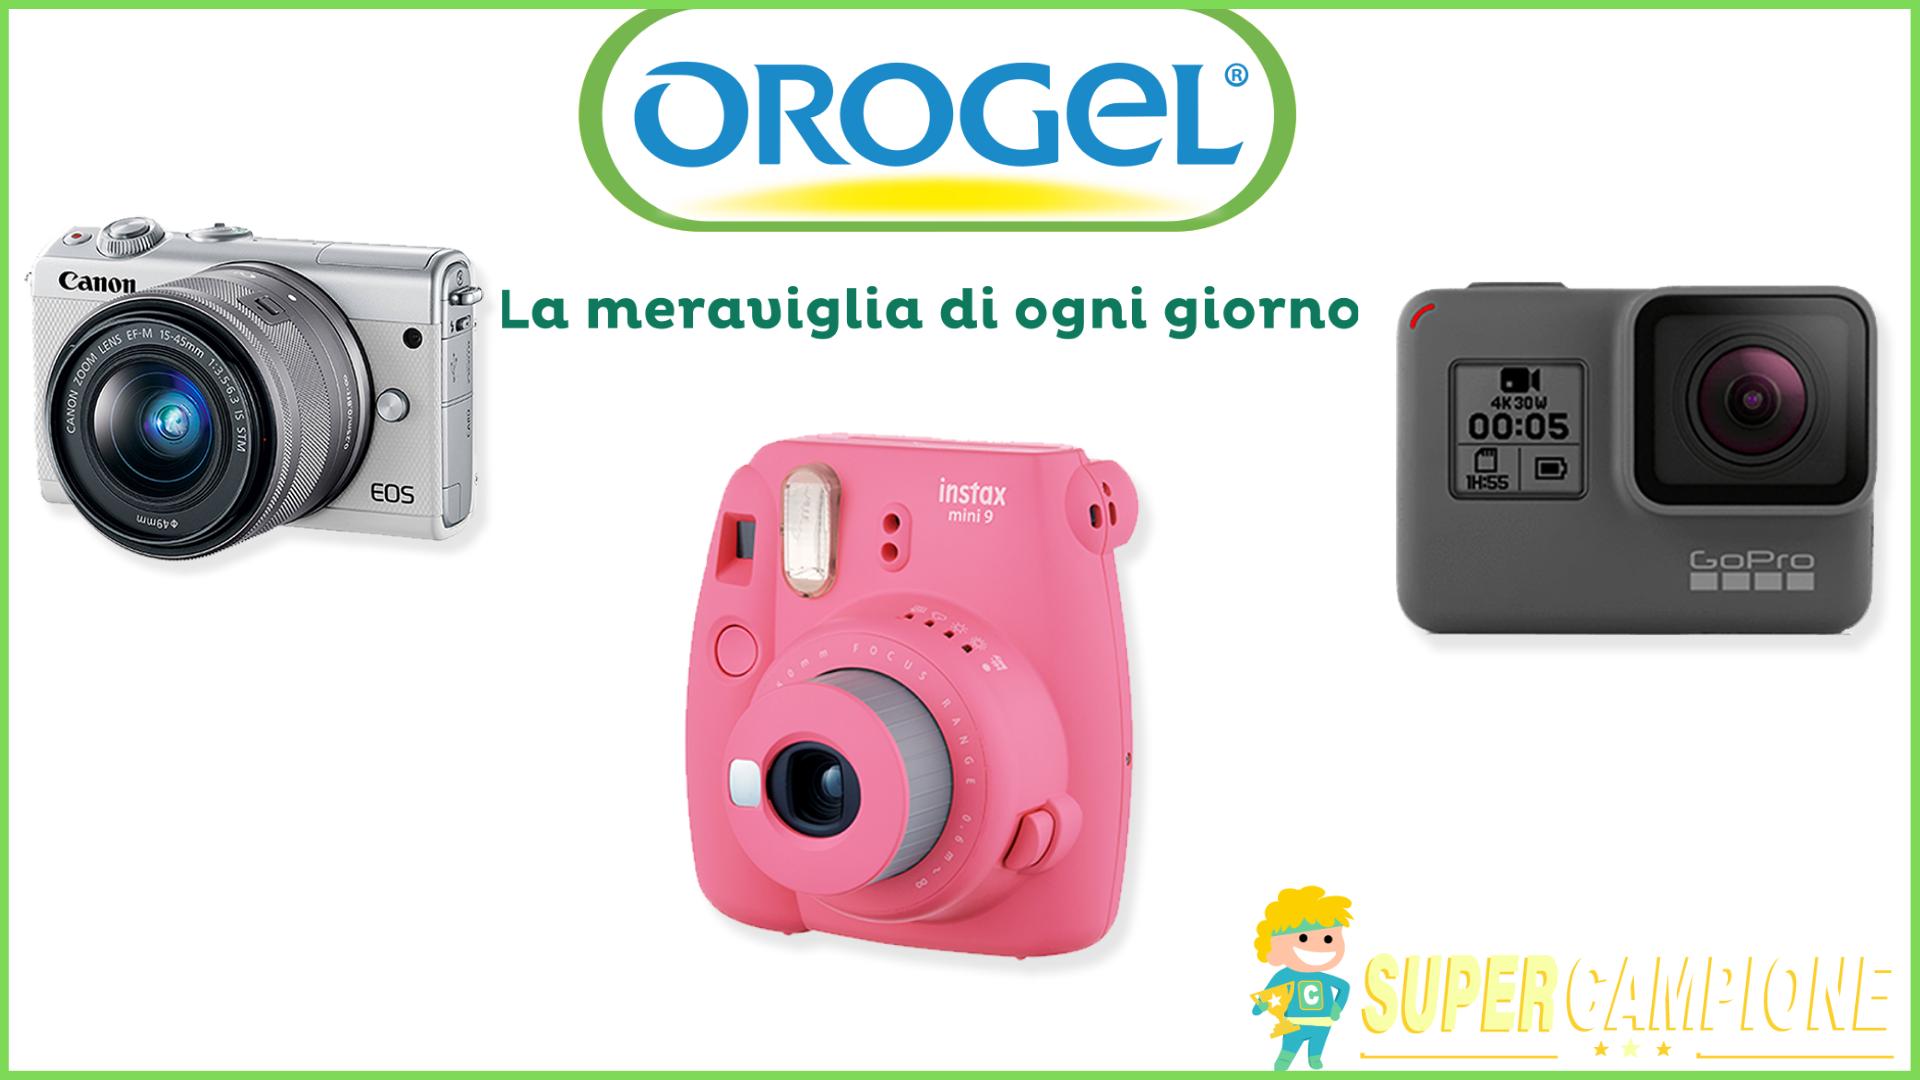 Supercampione - Vinci gratis fotocamere Canon, GoPro Hero5 e Instax Square